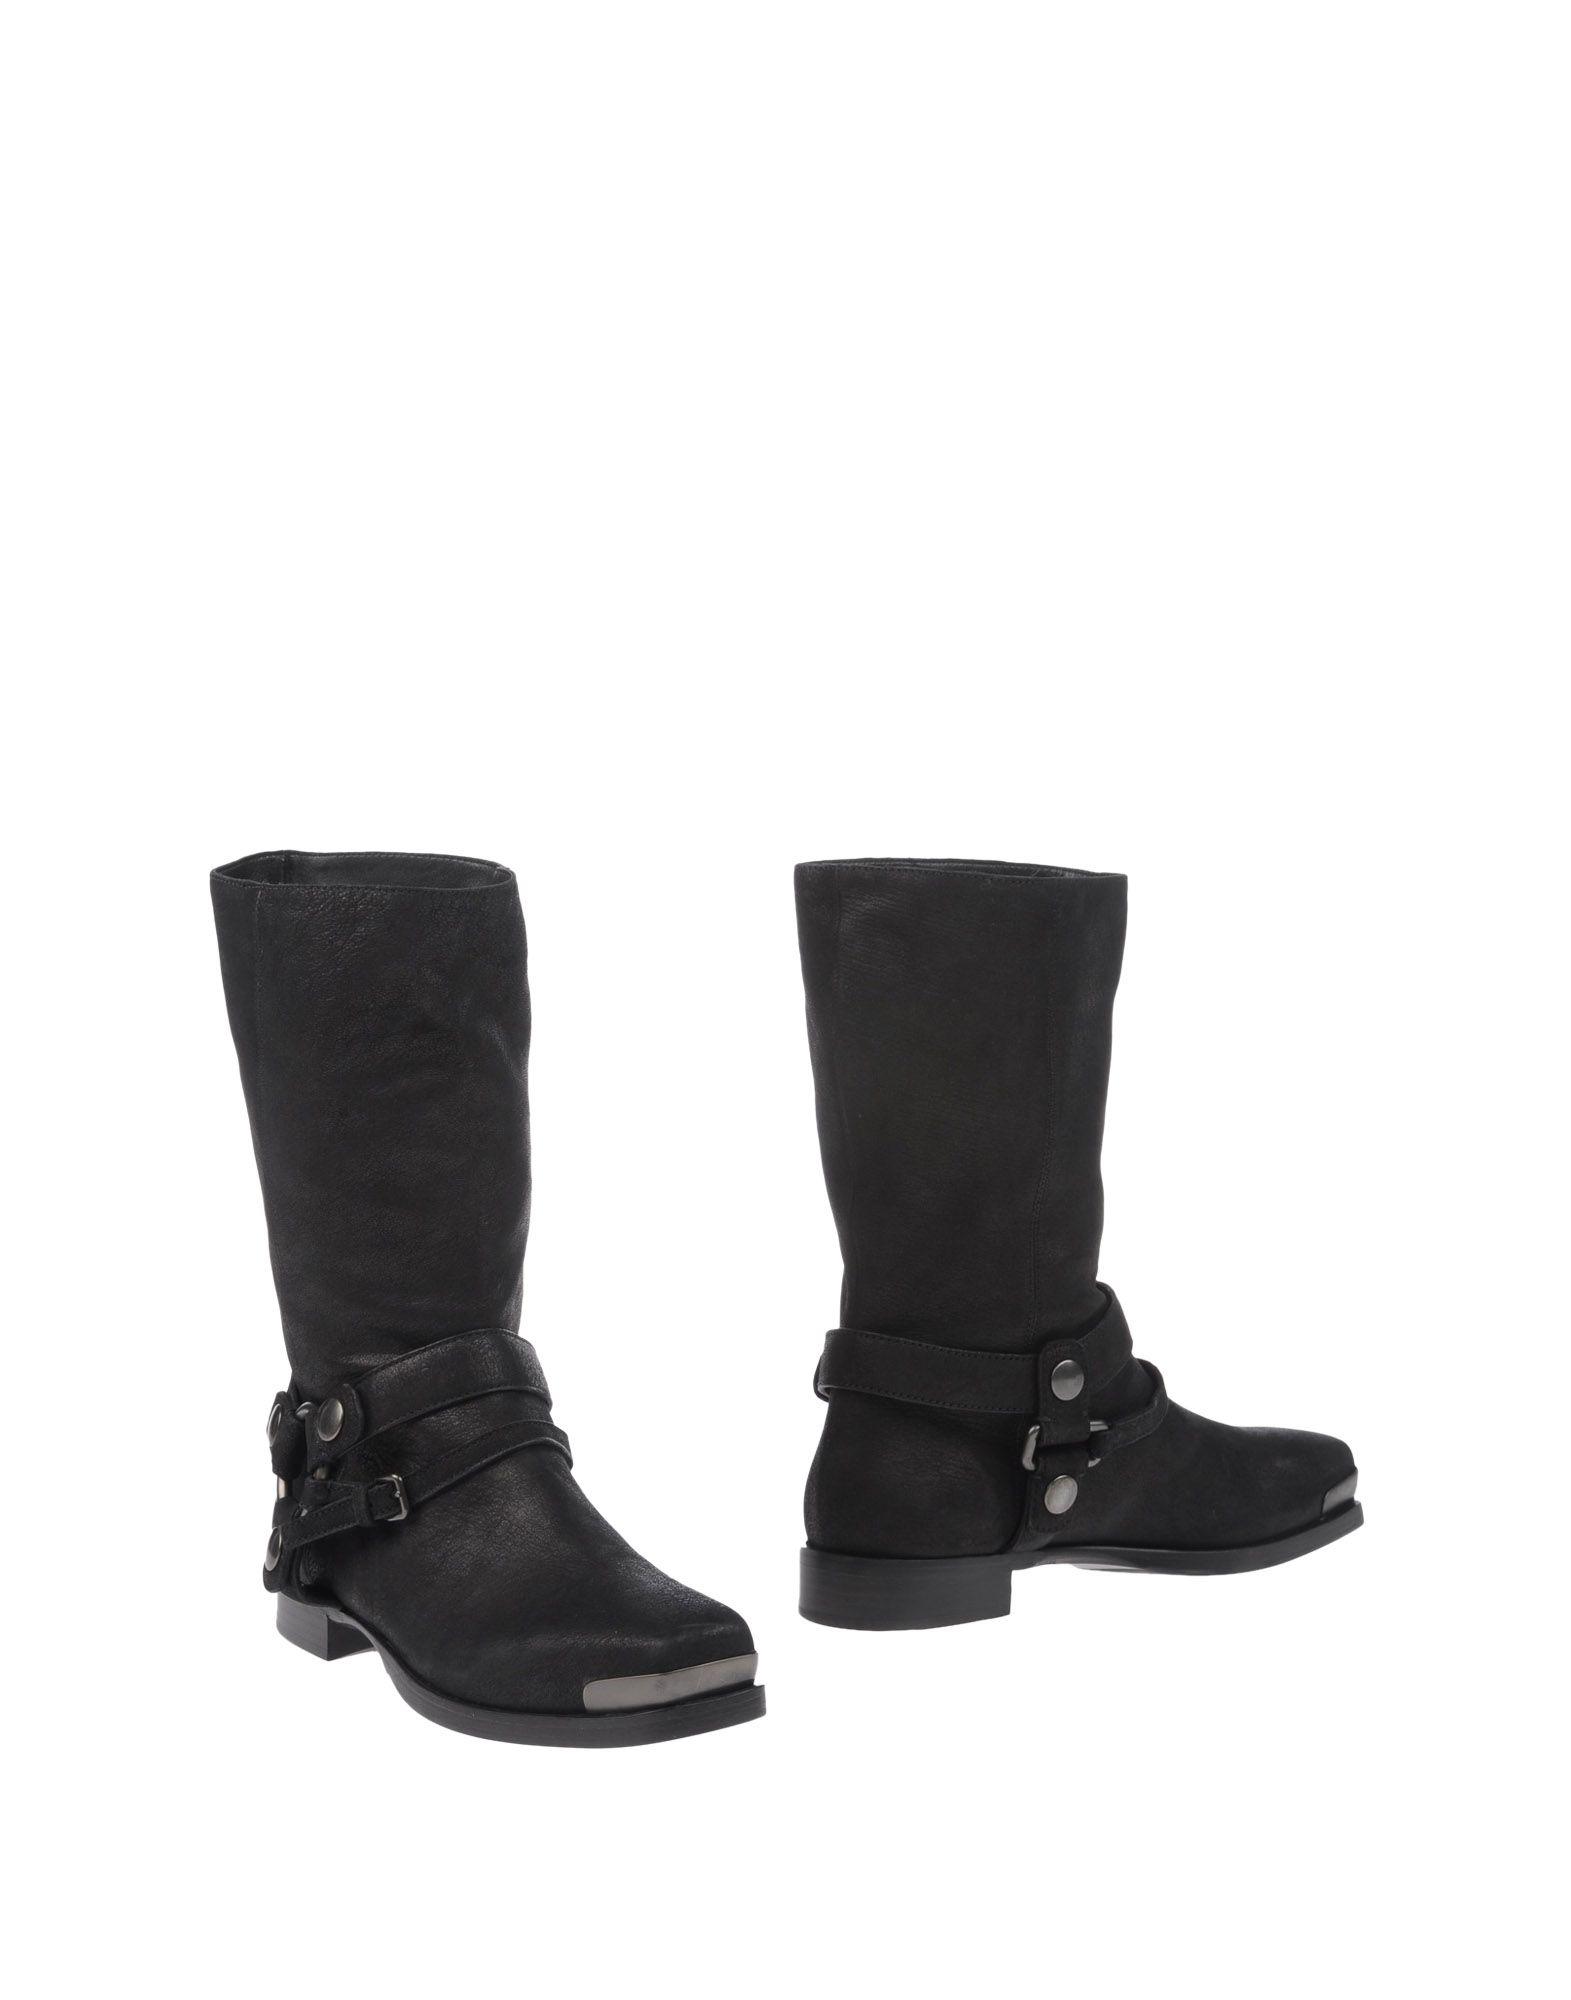 MIU Damen Stiefelette Farbe Schwarz Größe 10